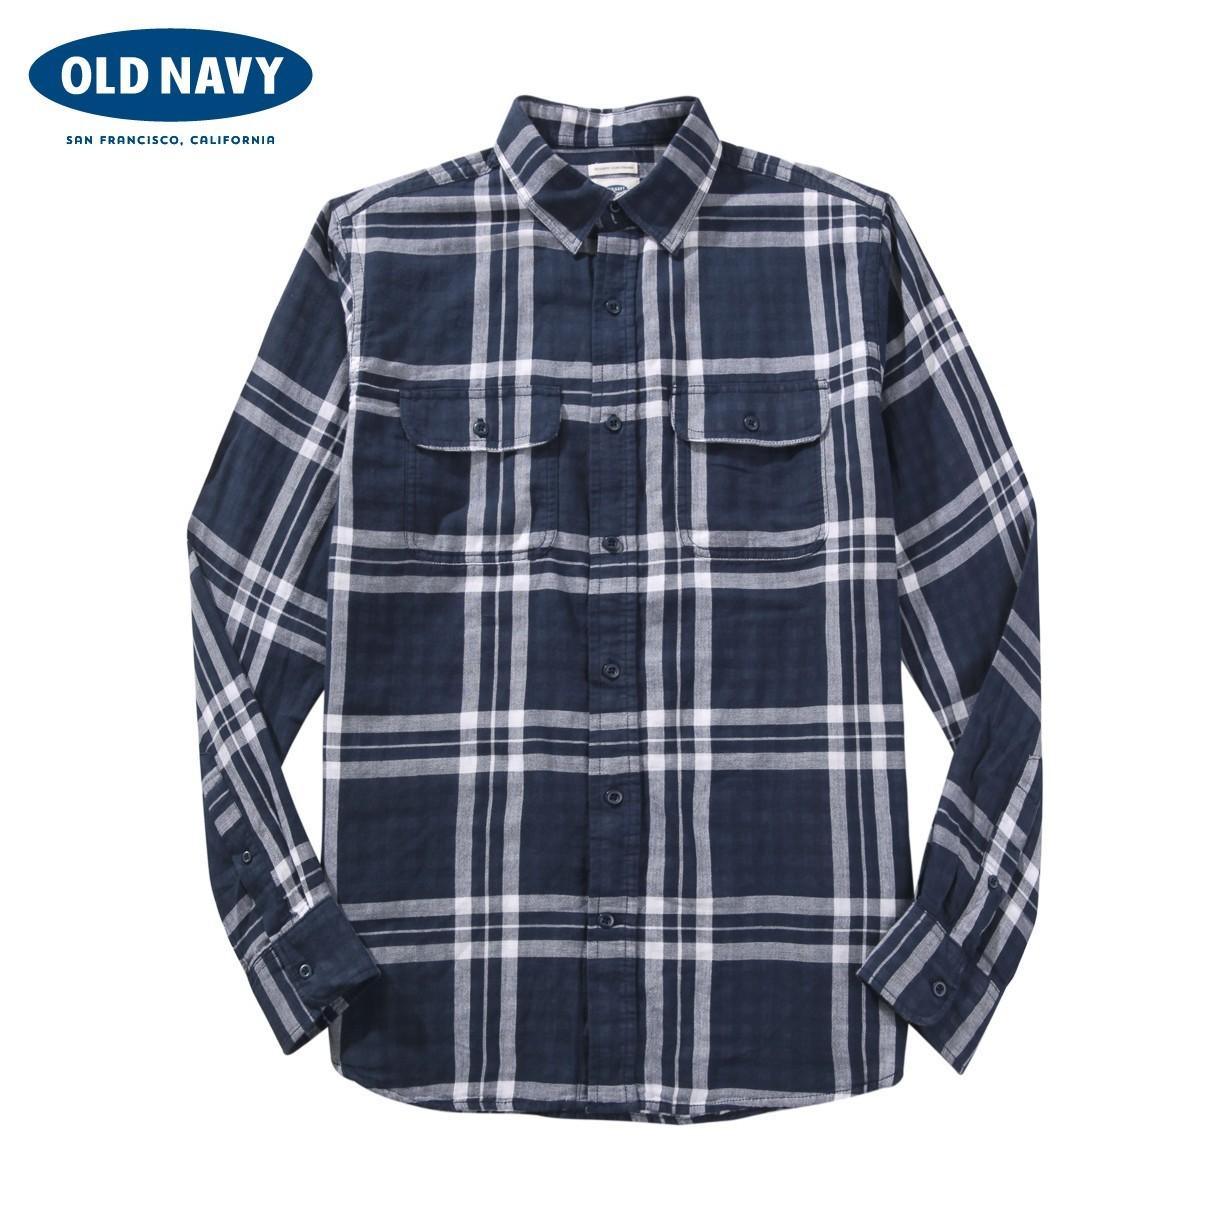 Рубашка мужская OLD NAVY 000146804 146804 джинсы мужские navy old